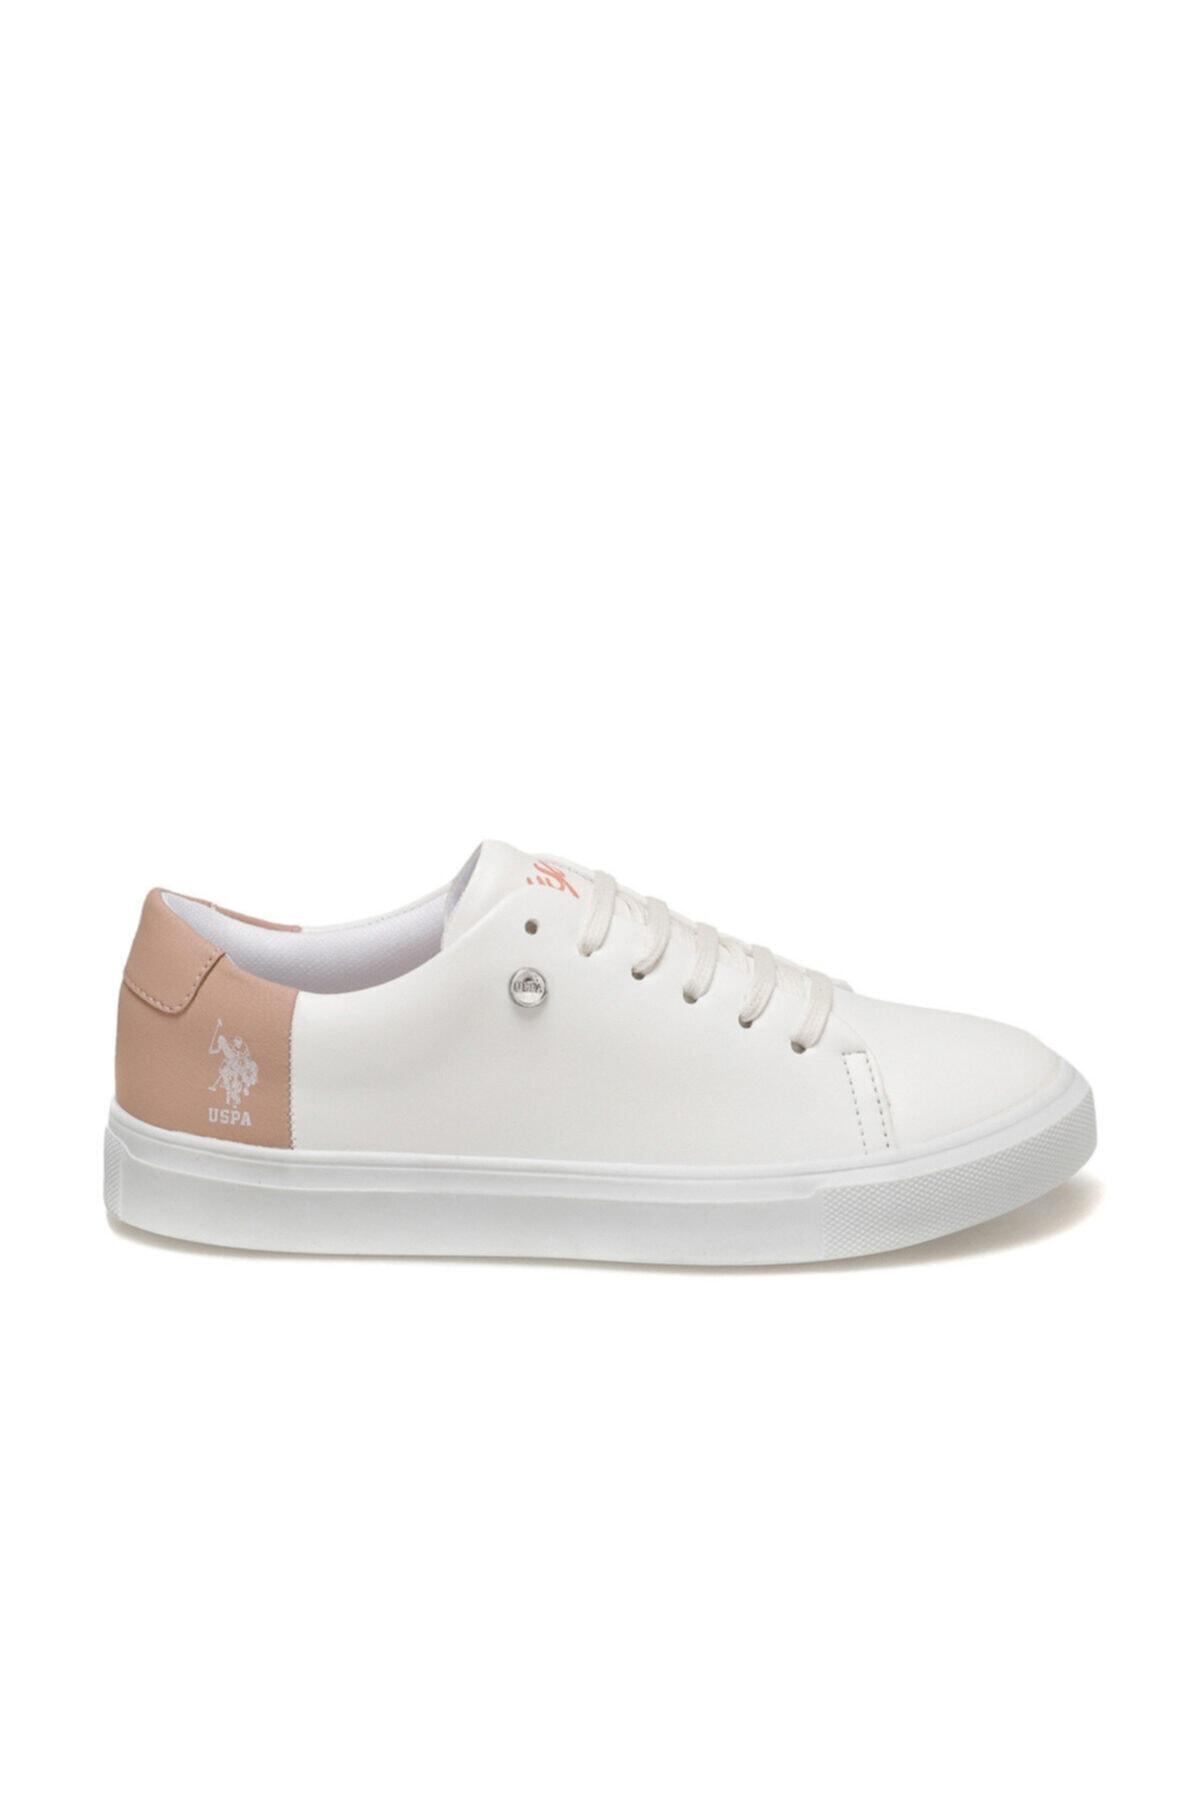 U.S. Polo Assn. Nordes 9pr Beyaz Kadın Sneaker Ayakkabı 2